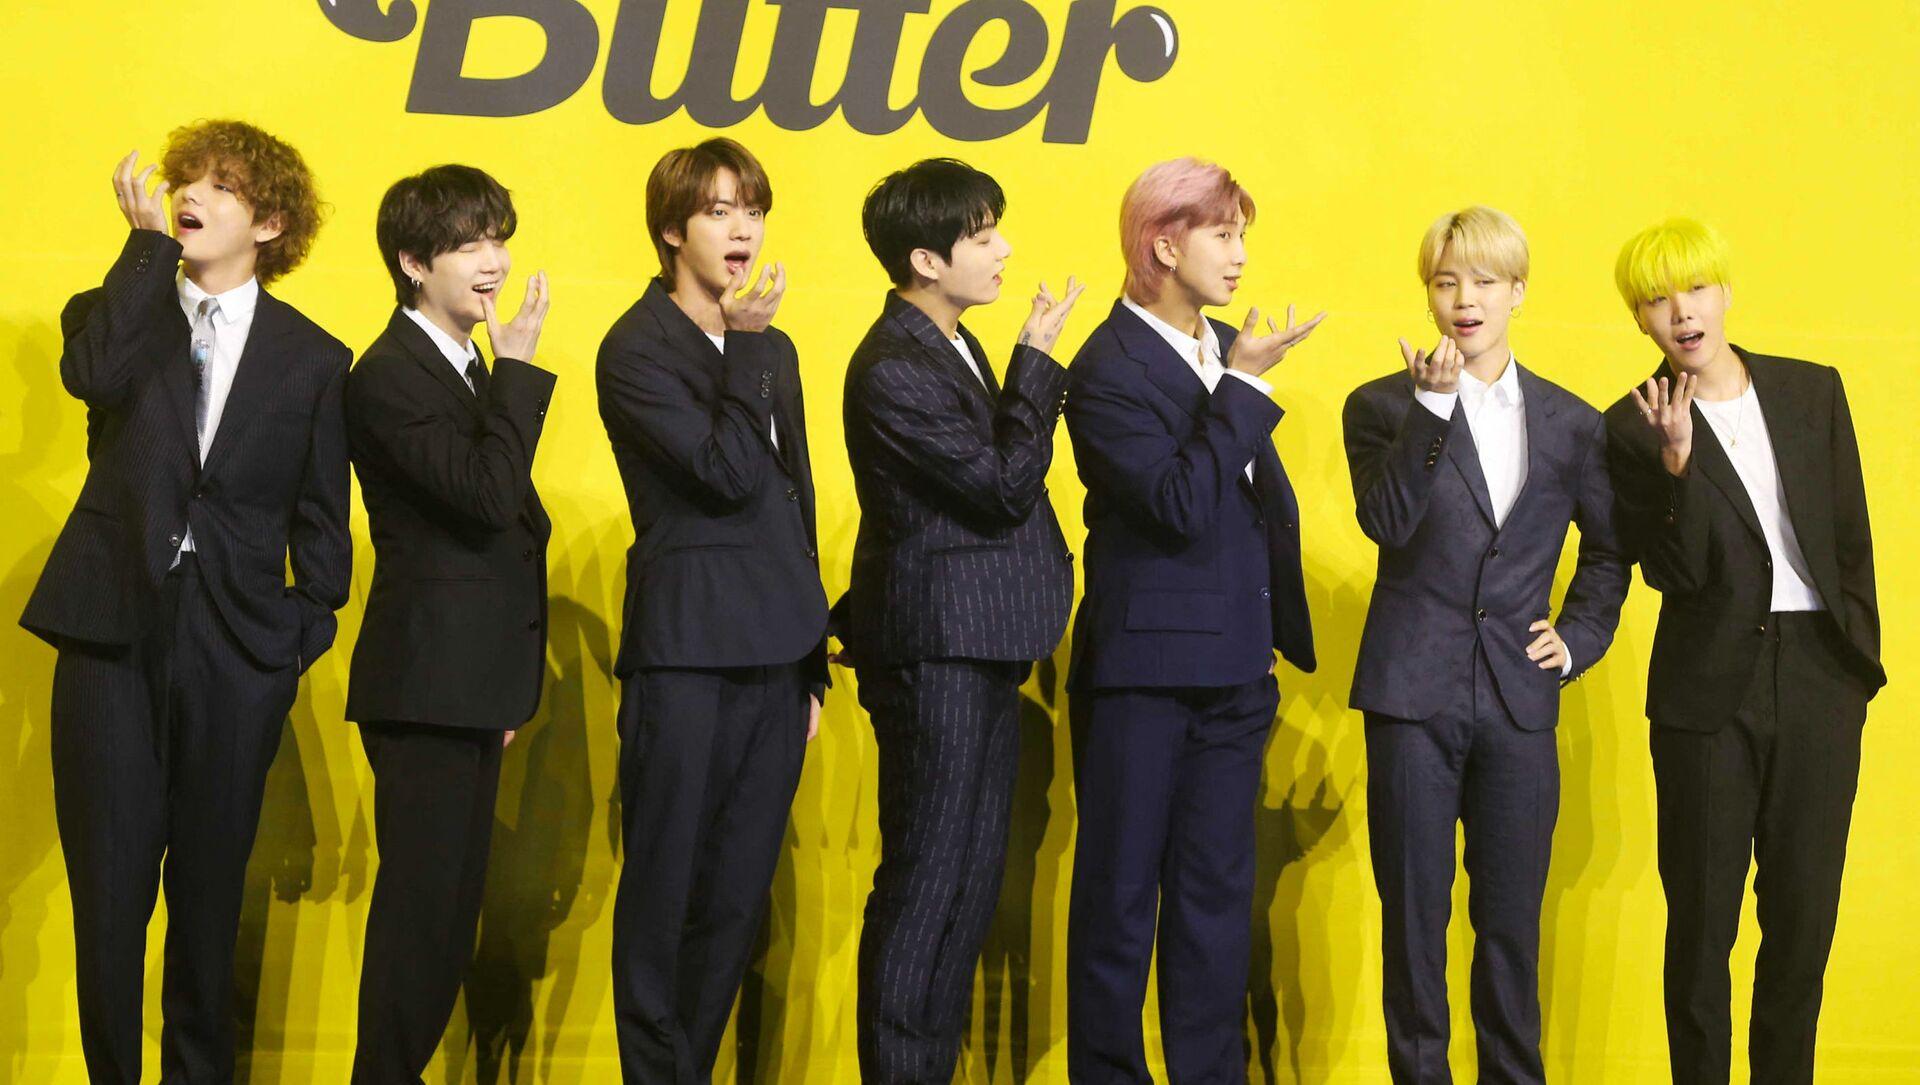 """Các thành viên ban nhạc Hàn Quốc BTS trong buổi họp báo ra mắt MV mới """"Butter"""". - Sputnik Việt Nam, 1920, 21.05.2021"""